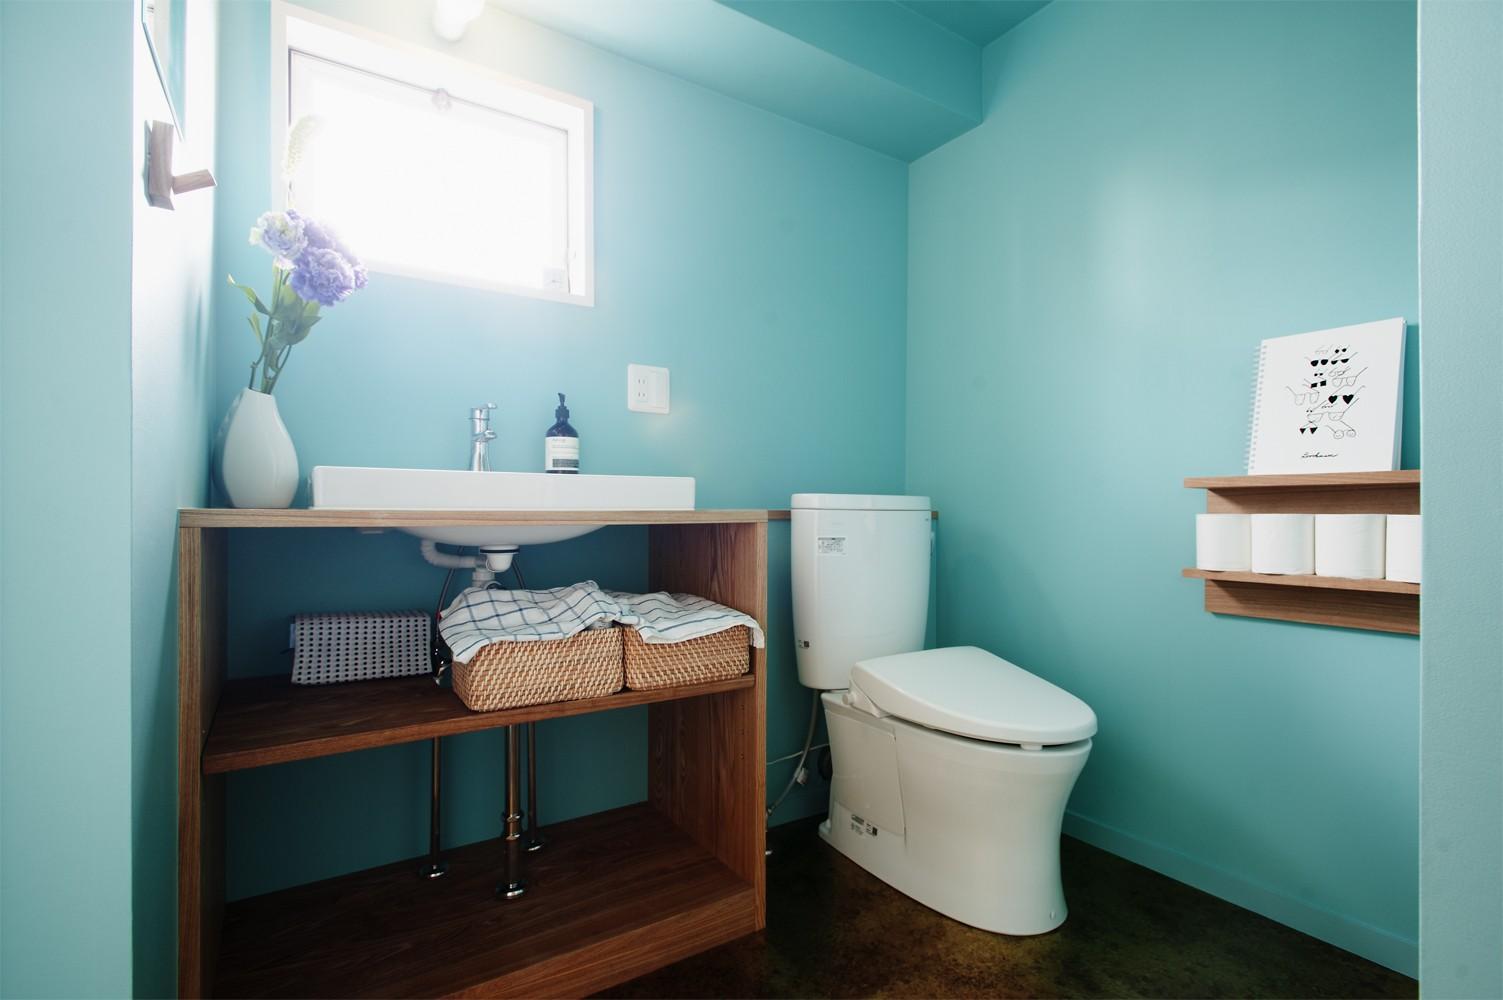 バス/トイレ事例:洗面 トイレ(自分らしい自分だけの空間を手に入れる)